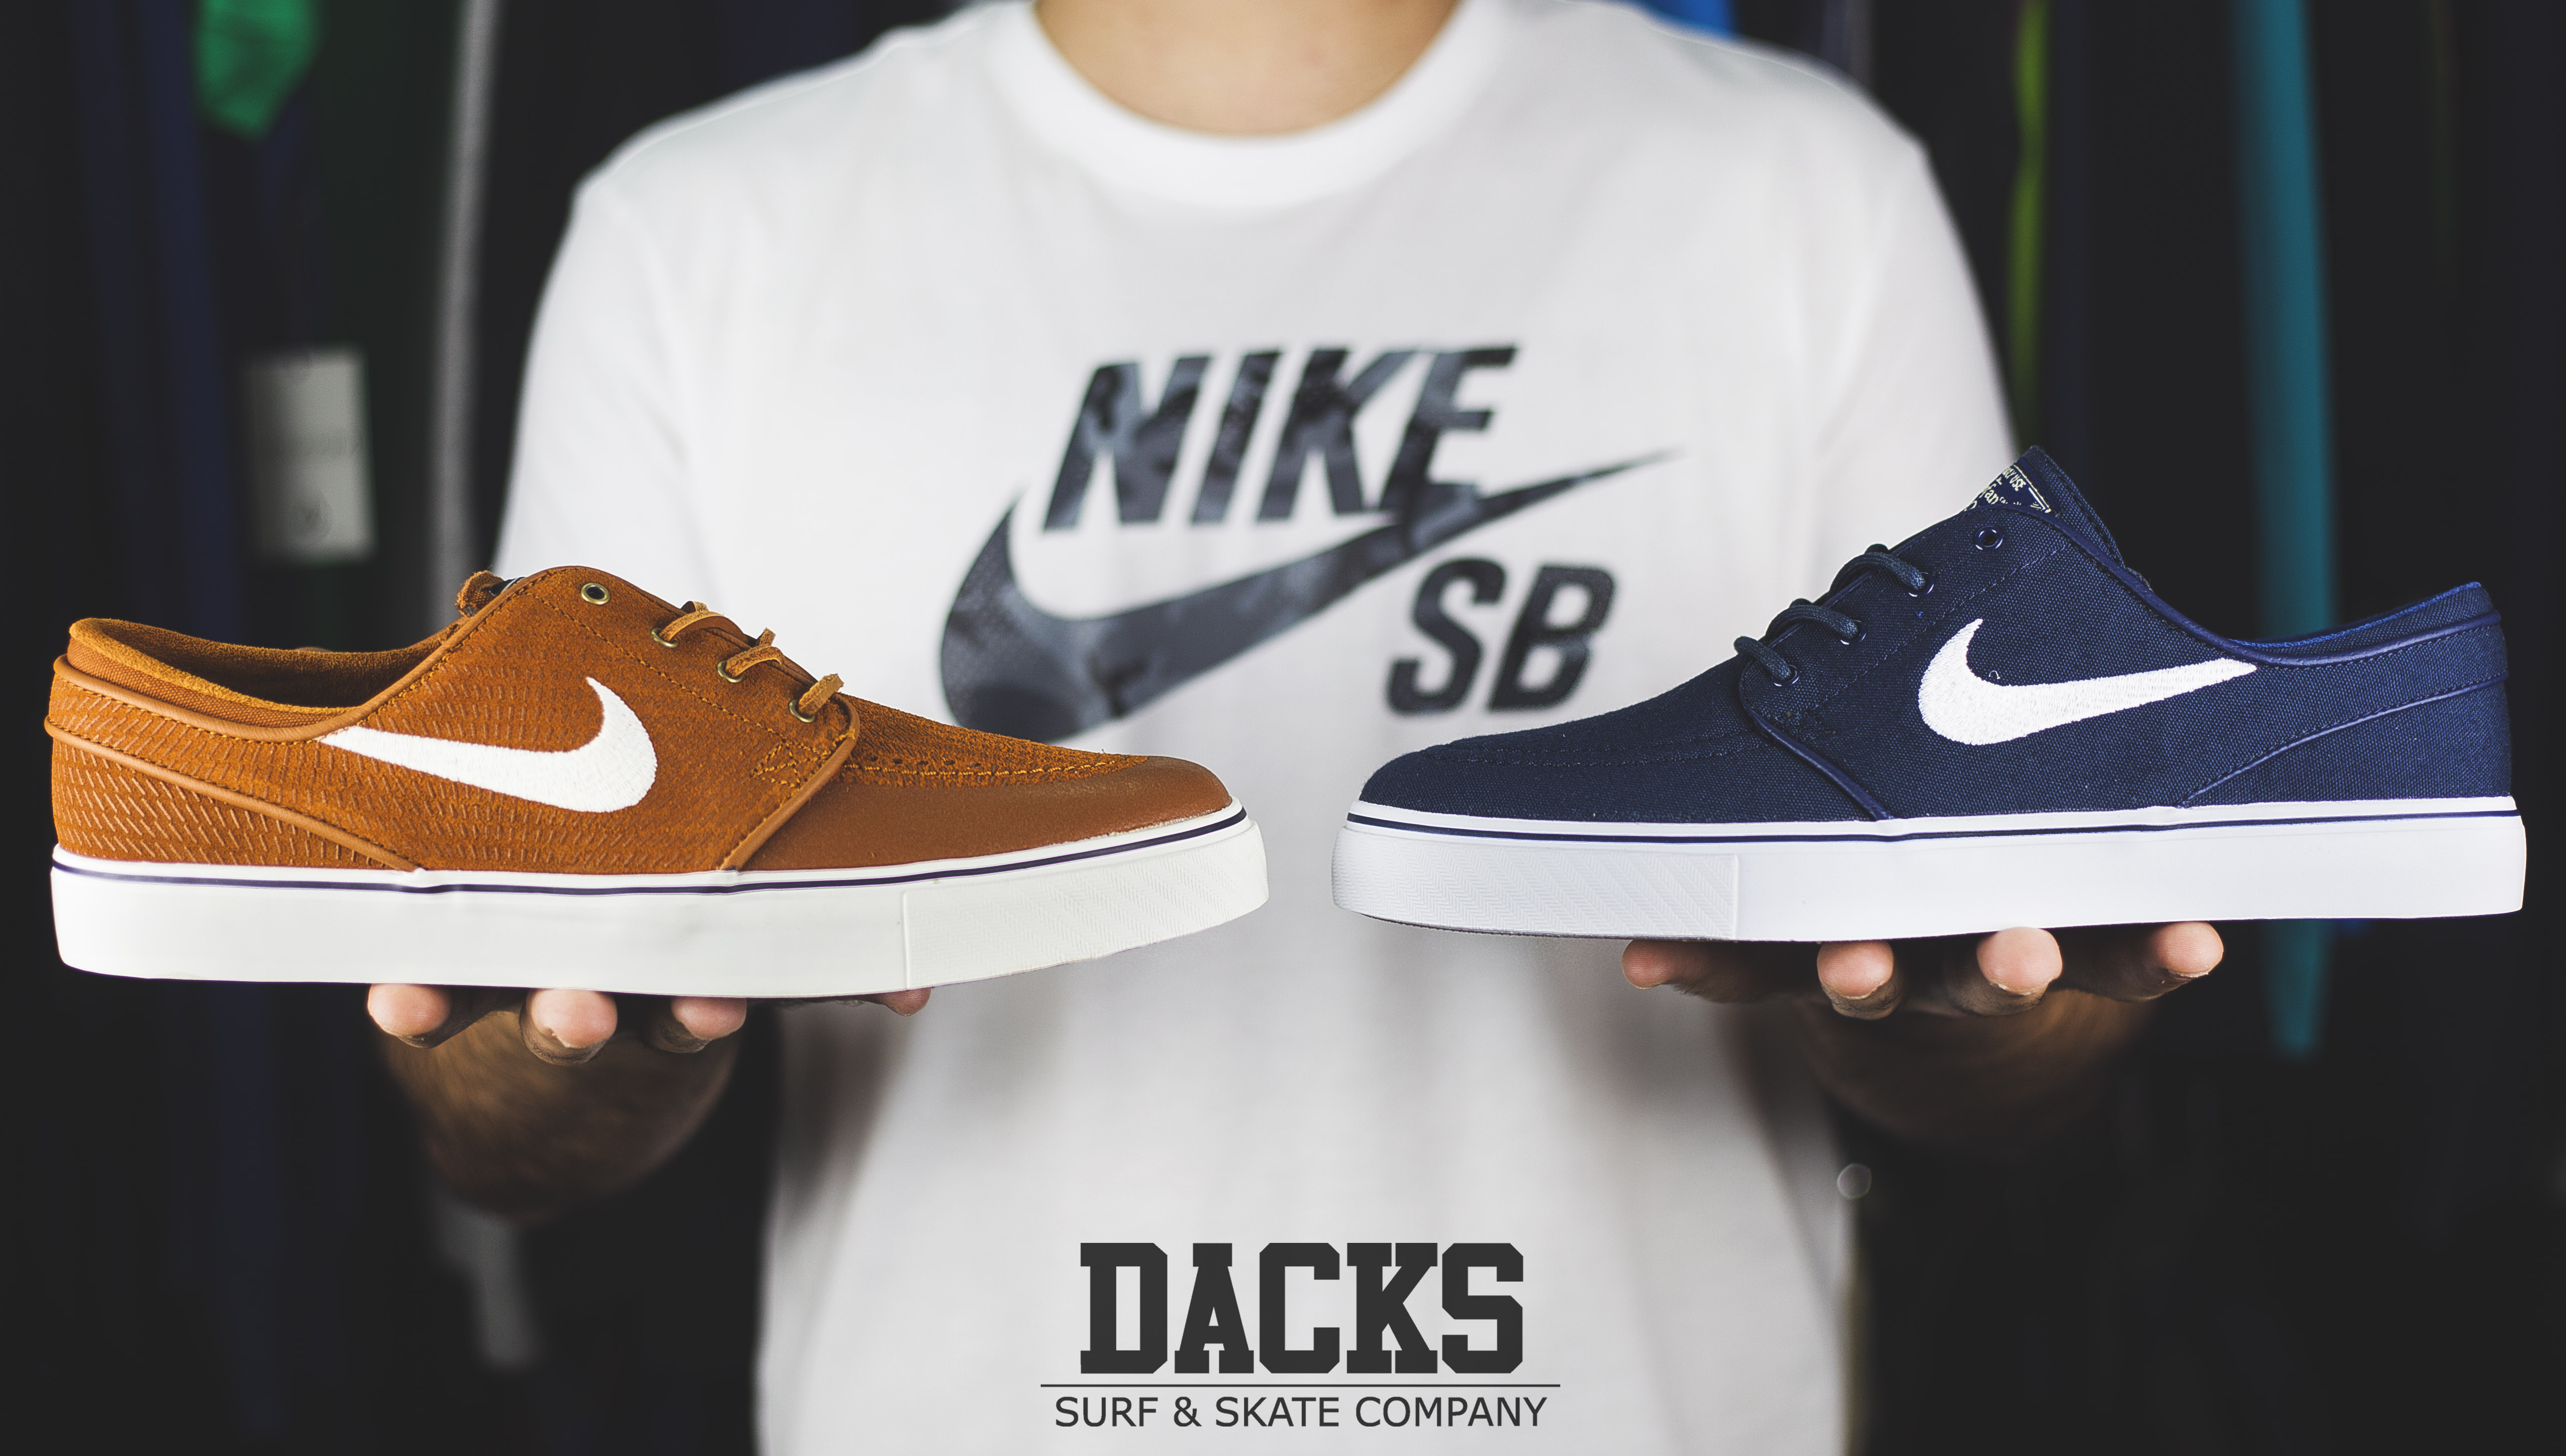 Nike SB Air Zoom Stefan Janoski Dacks Surf & Skate Company